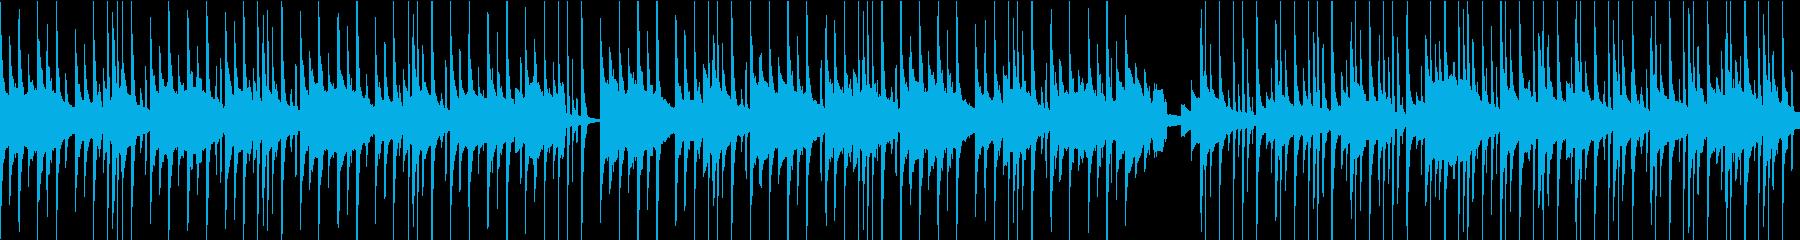 ベルの可愛いBGM(ループ)の再生済みの波形